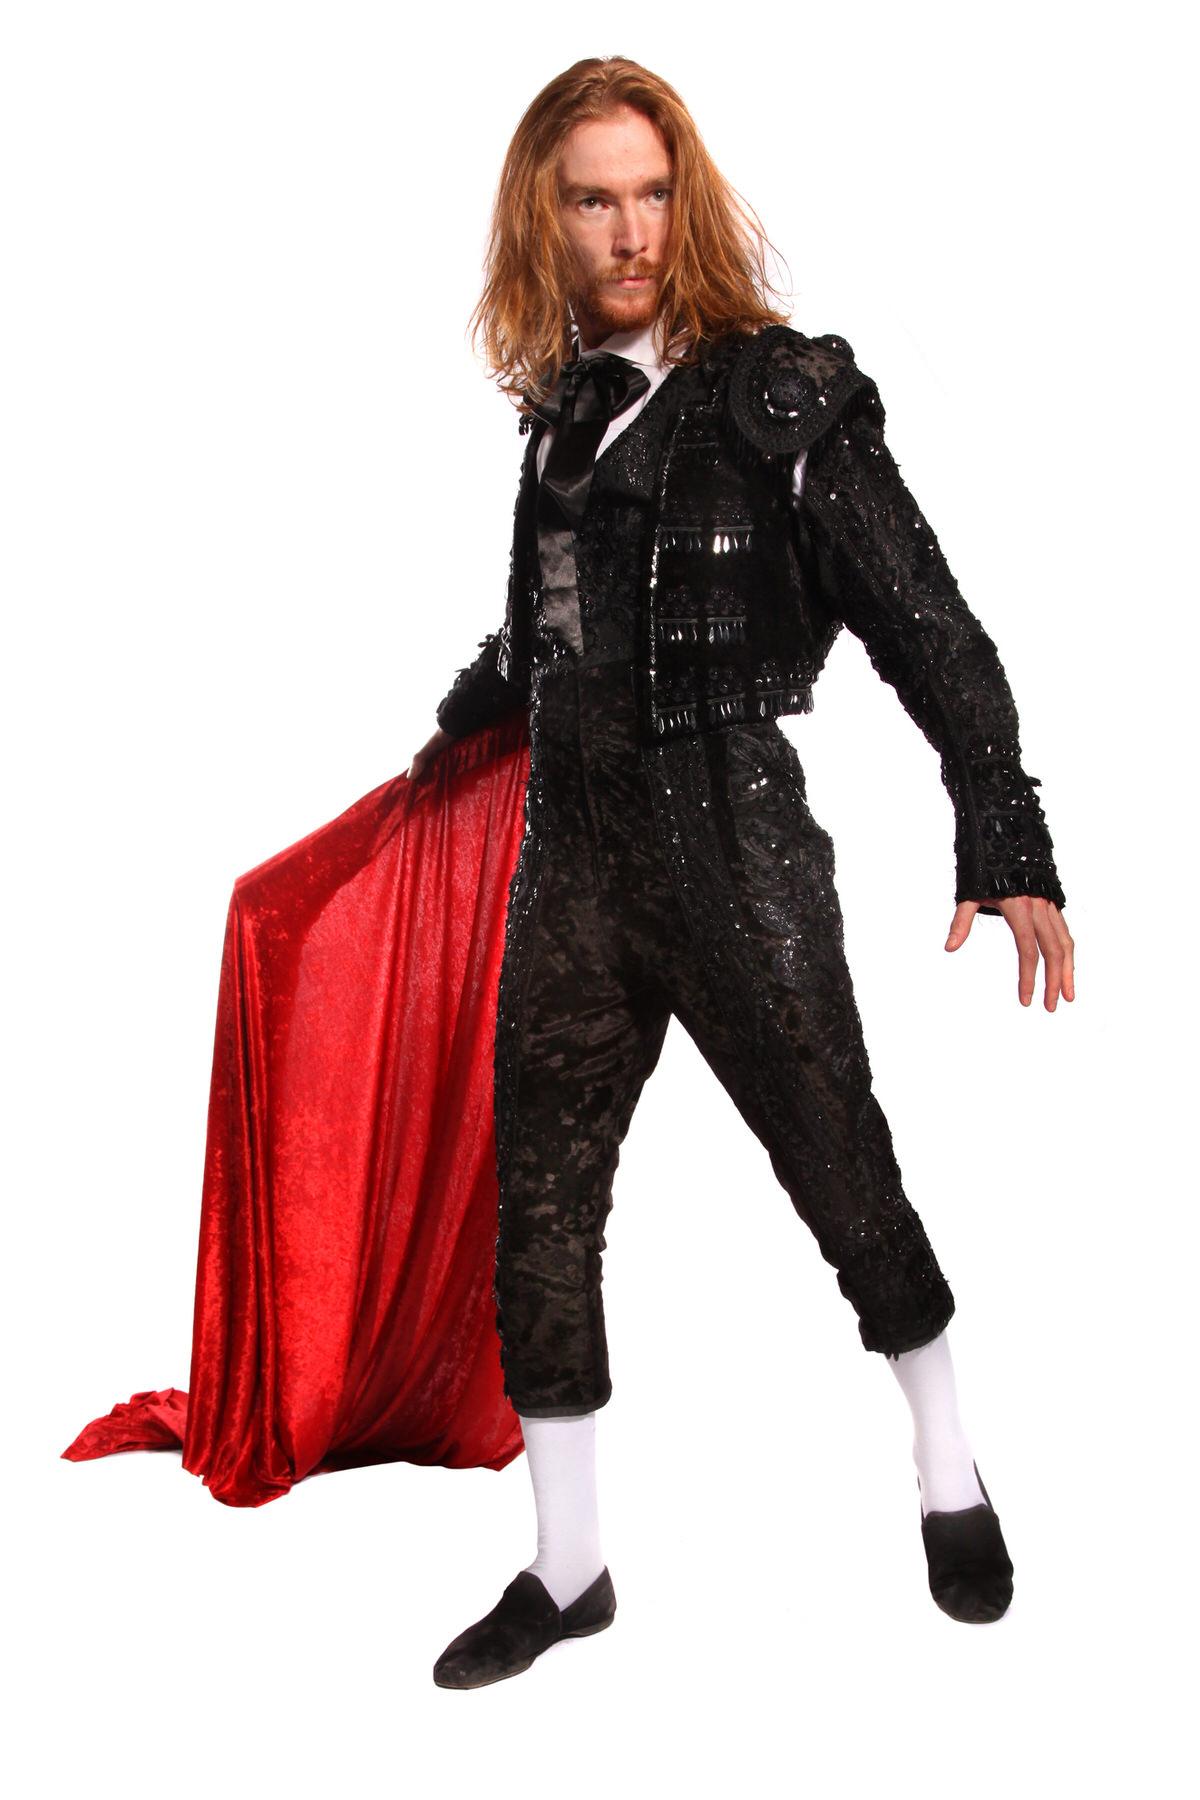 BLACK BEADED MATADOR COSTUME  W 3 PIECE SUIT